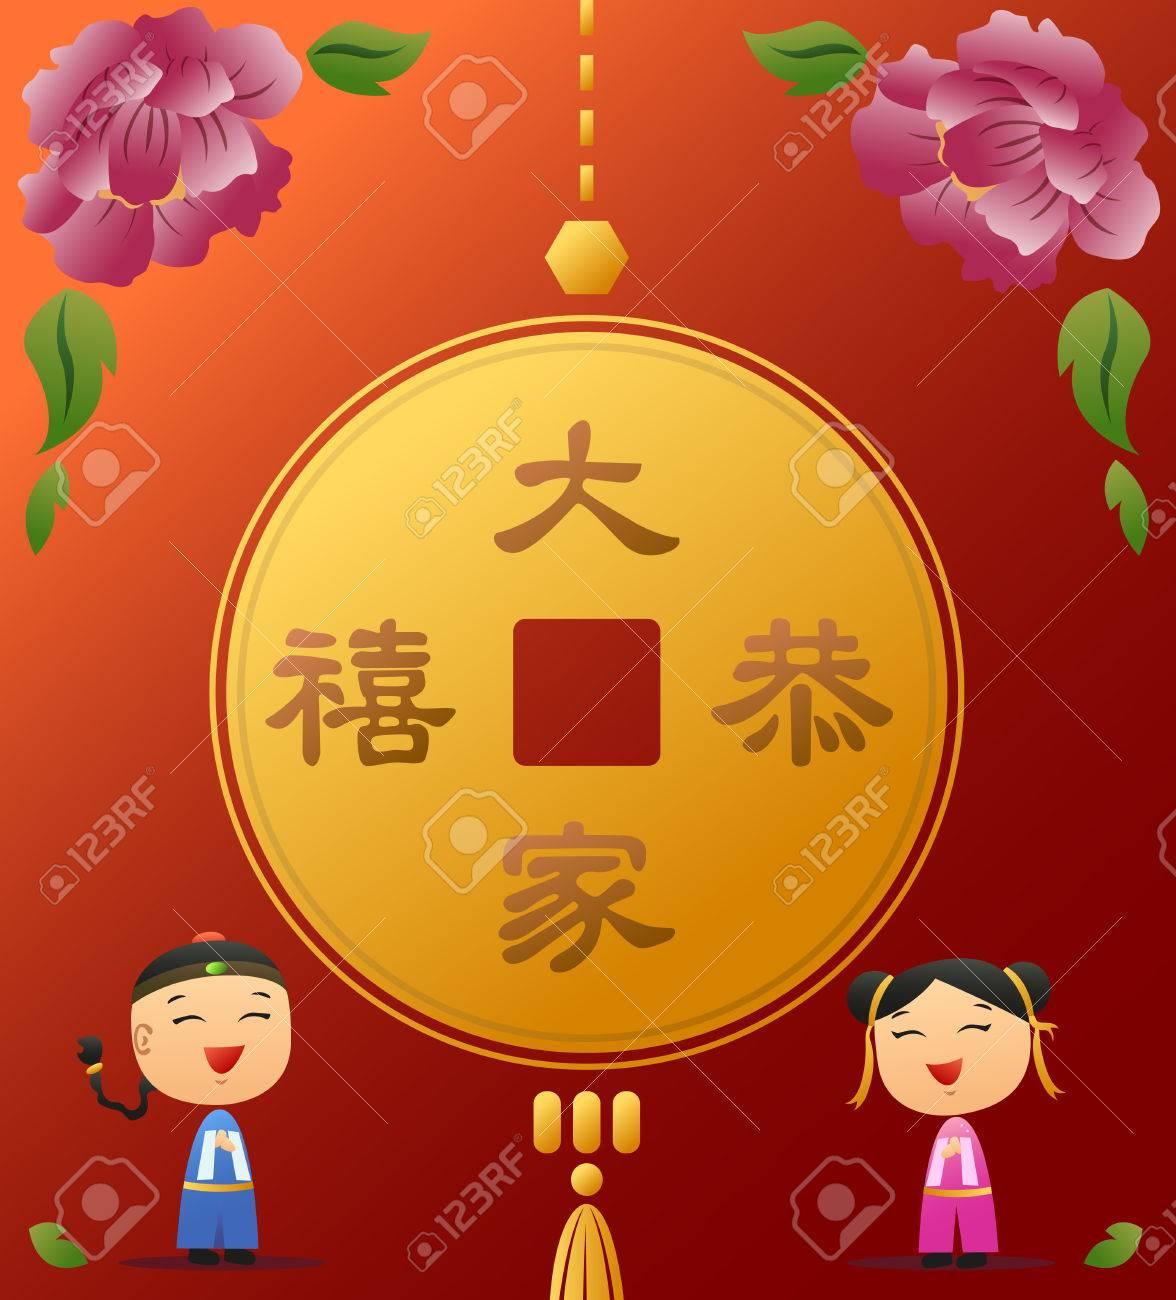 Chine Poupée Voeux Sur Une Journée Spéciale Et De Pièces D'or Avec.